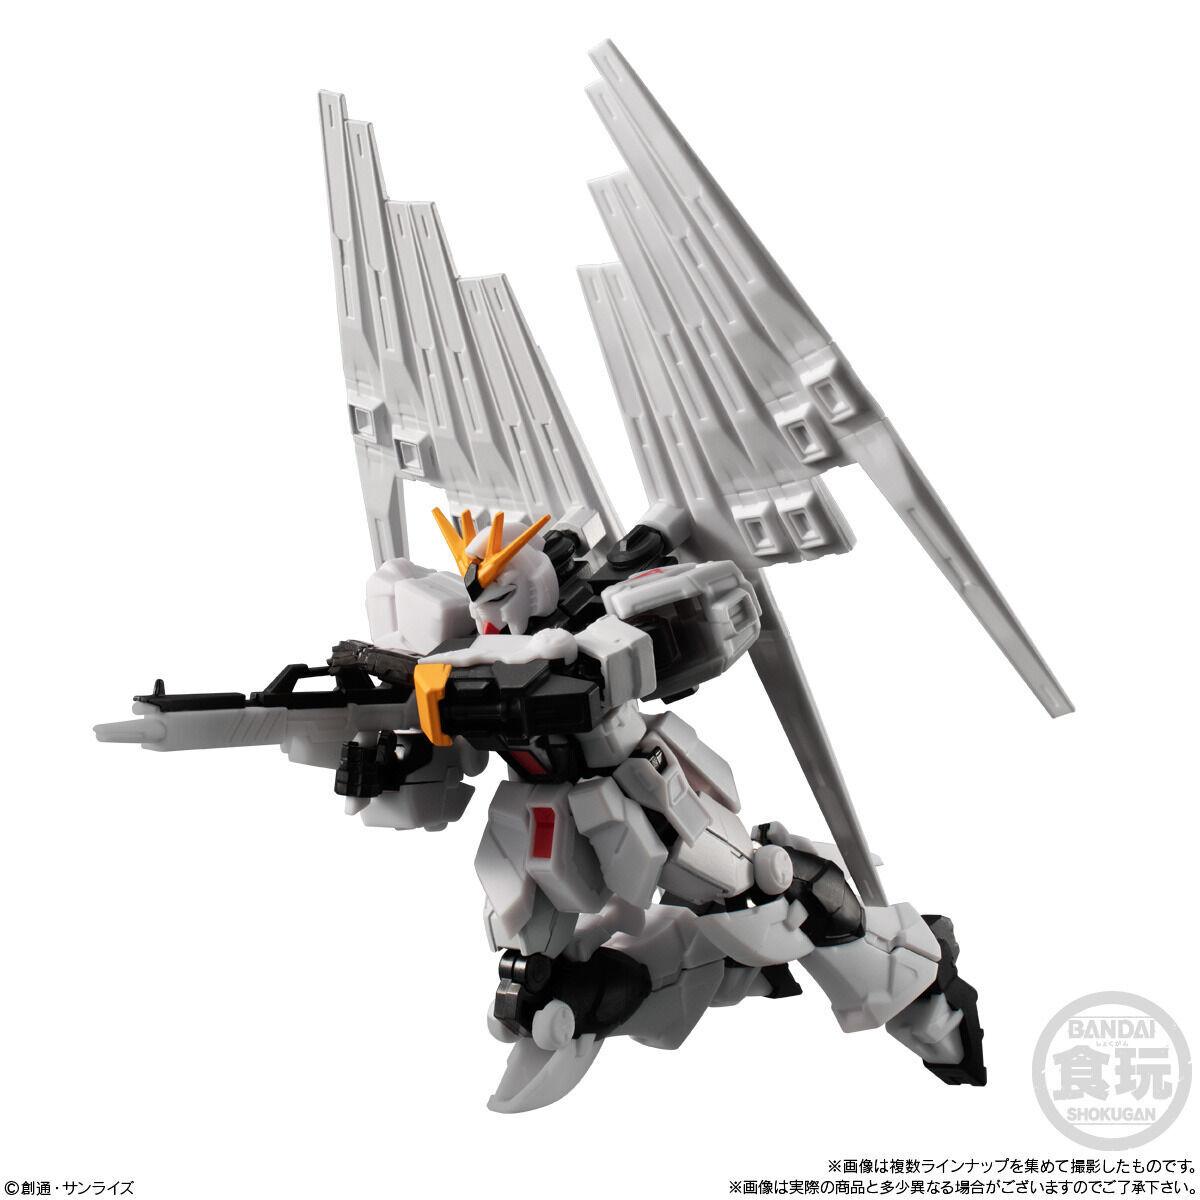 【食玩】機動戦士ガンダム『GフレームFA 01』可動フィギュア 10個入りBOX-010